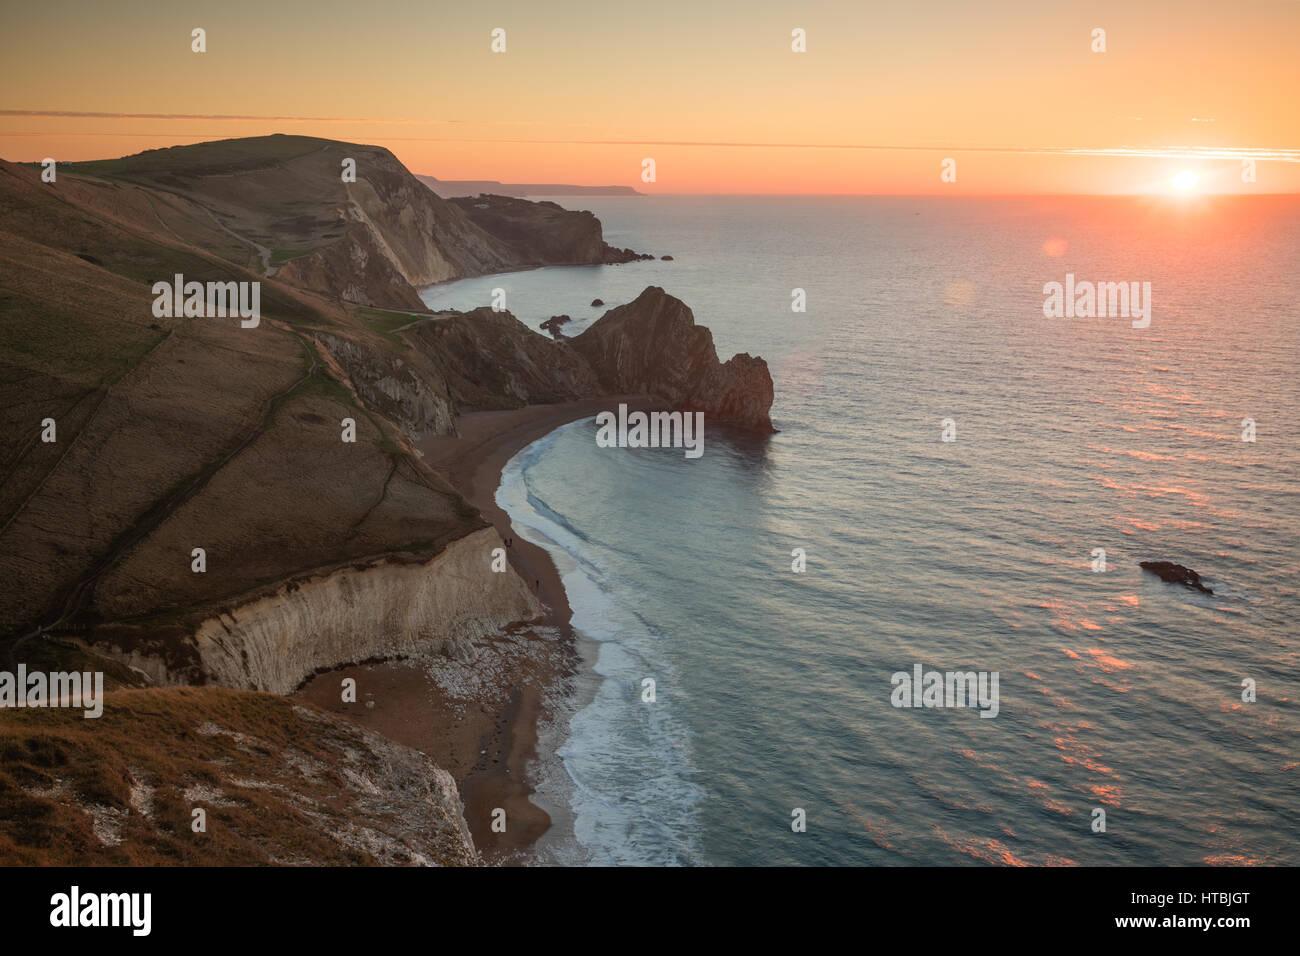 Durdle door et st oswald's Bay d'Swyre la tête à l'aube, la Côte Jurassique, de Purbeck, Photo Stock